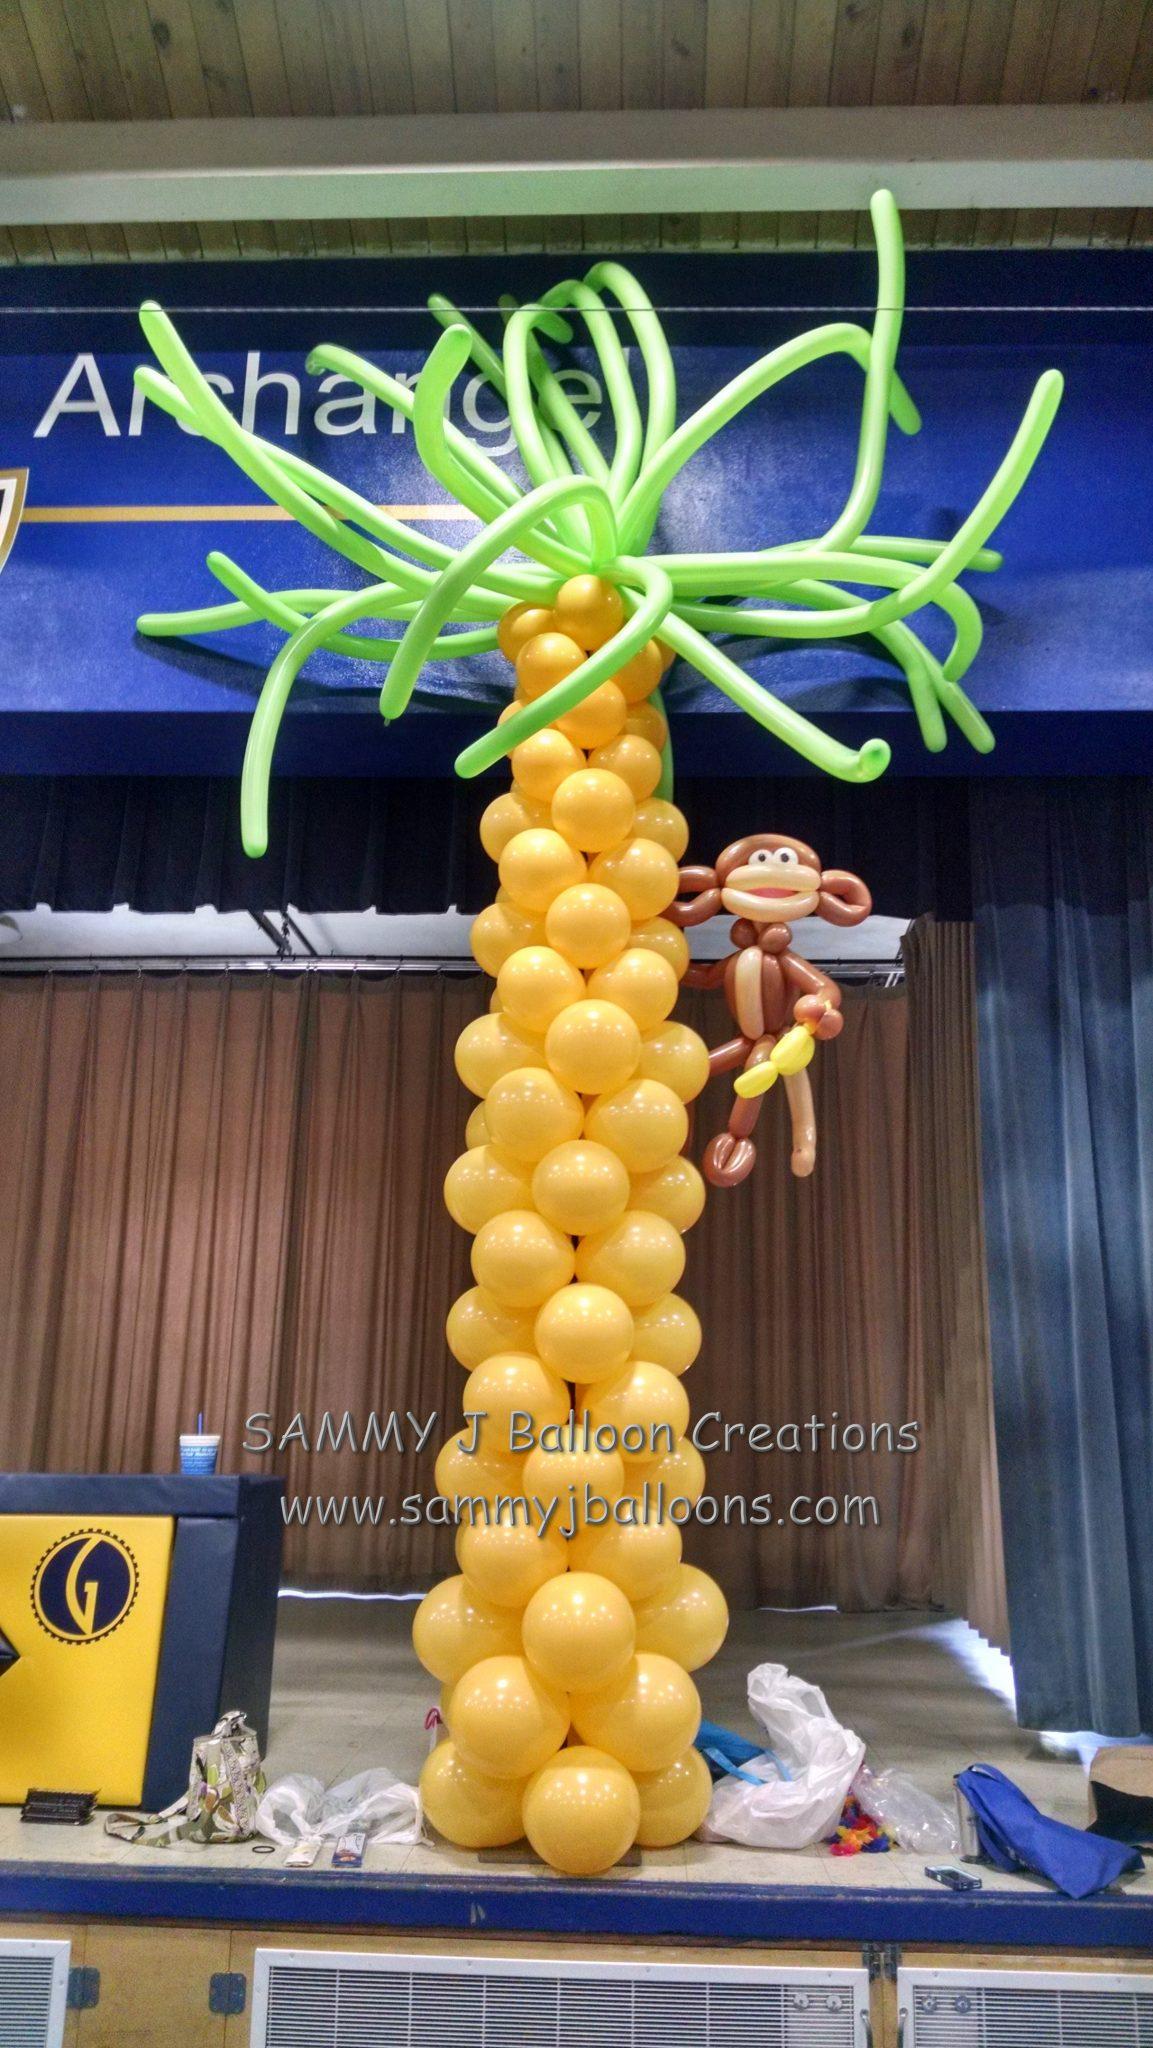 SAMMY J Balloon Creations st louis balloons monkey tree